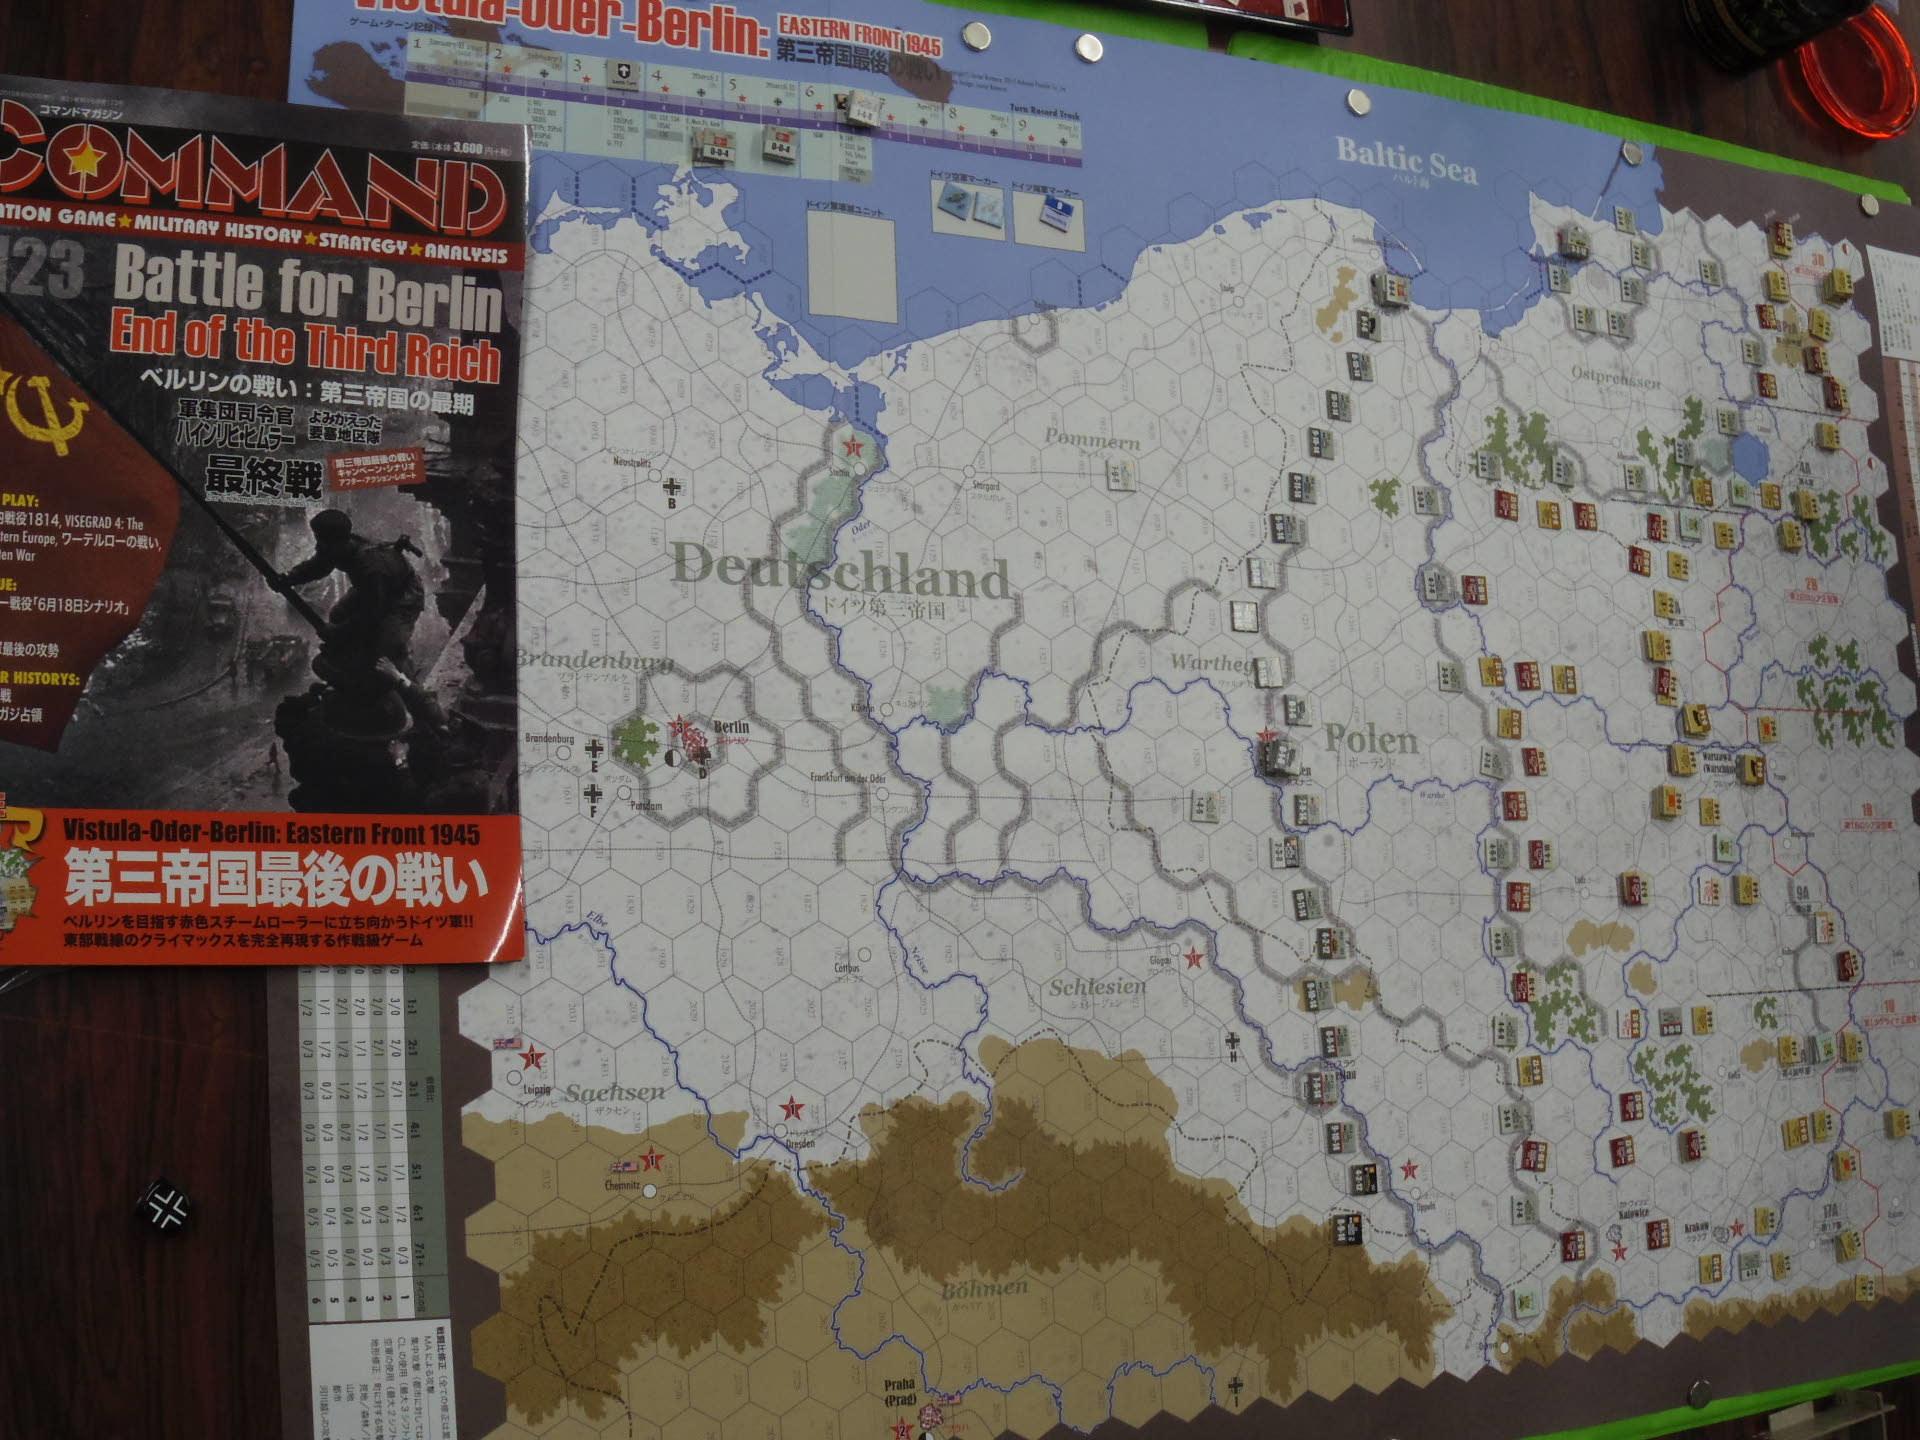 2019.07.27(土)第361回定例会の様子の様子その3...コマンドマガジン123号 第三帝国最後の戦い Vistula-Oder-Berlin: Eastern Front 1945_b0173672_14591274.jpg